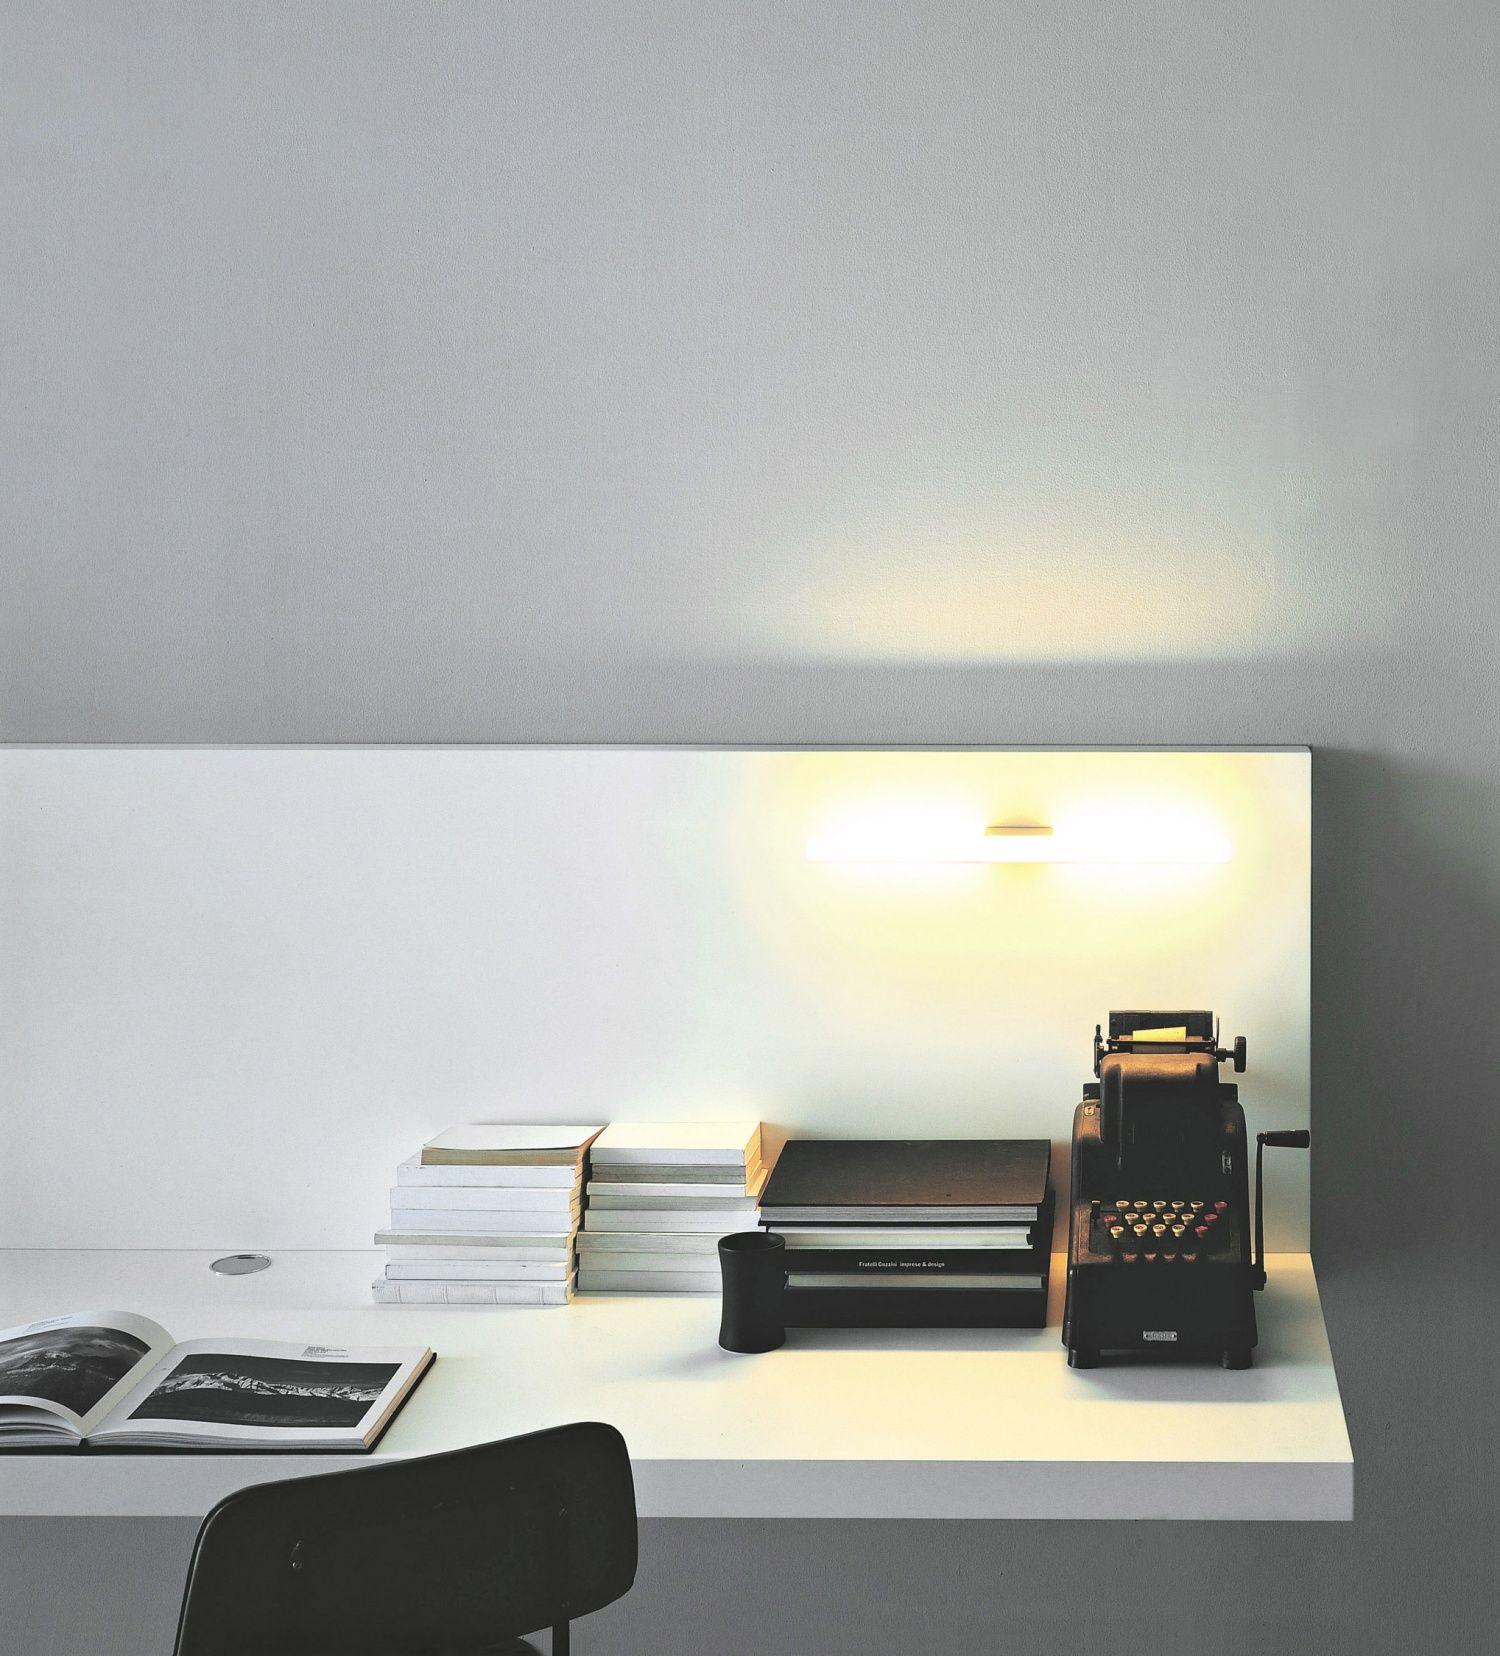 web design by piero lissoni furniture accessories